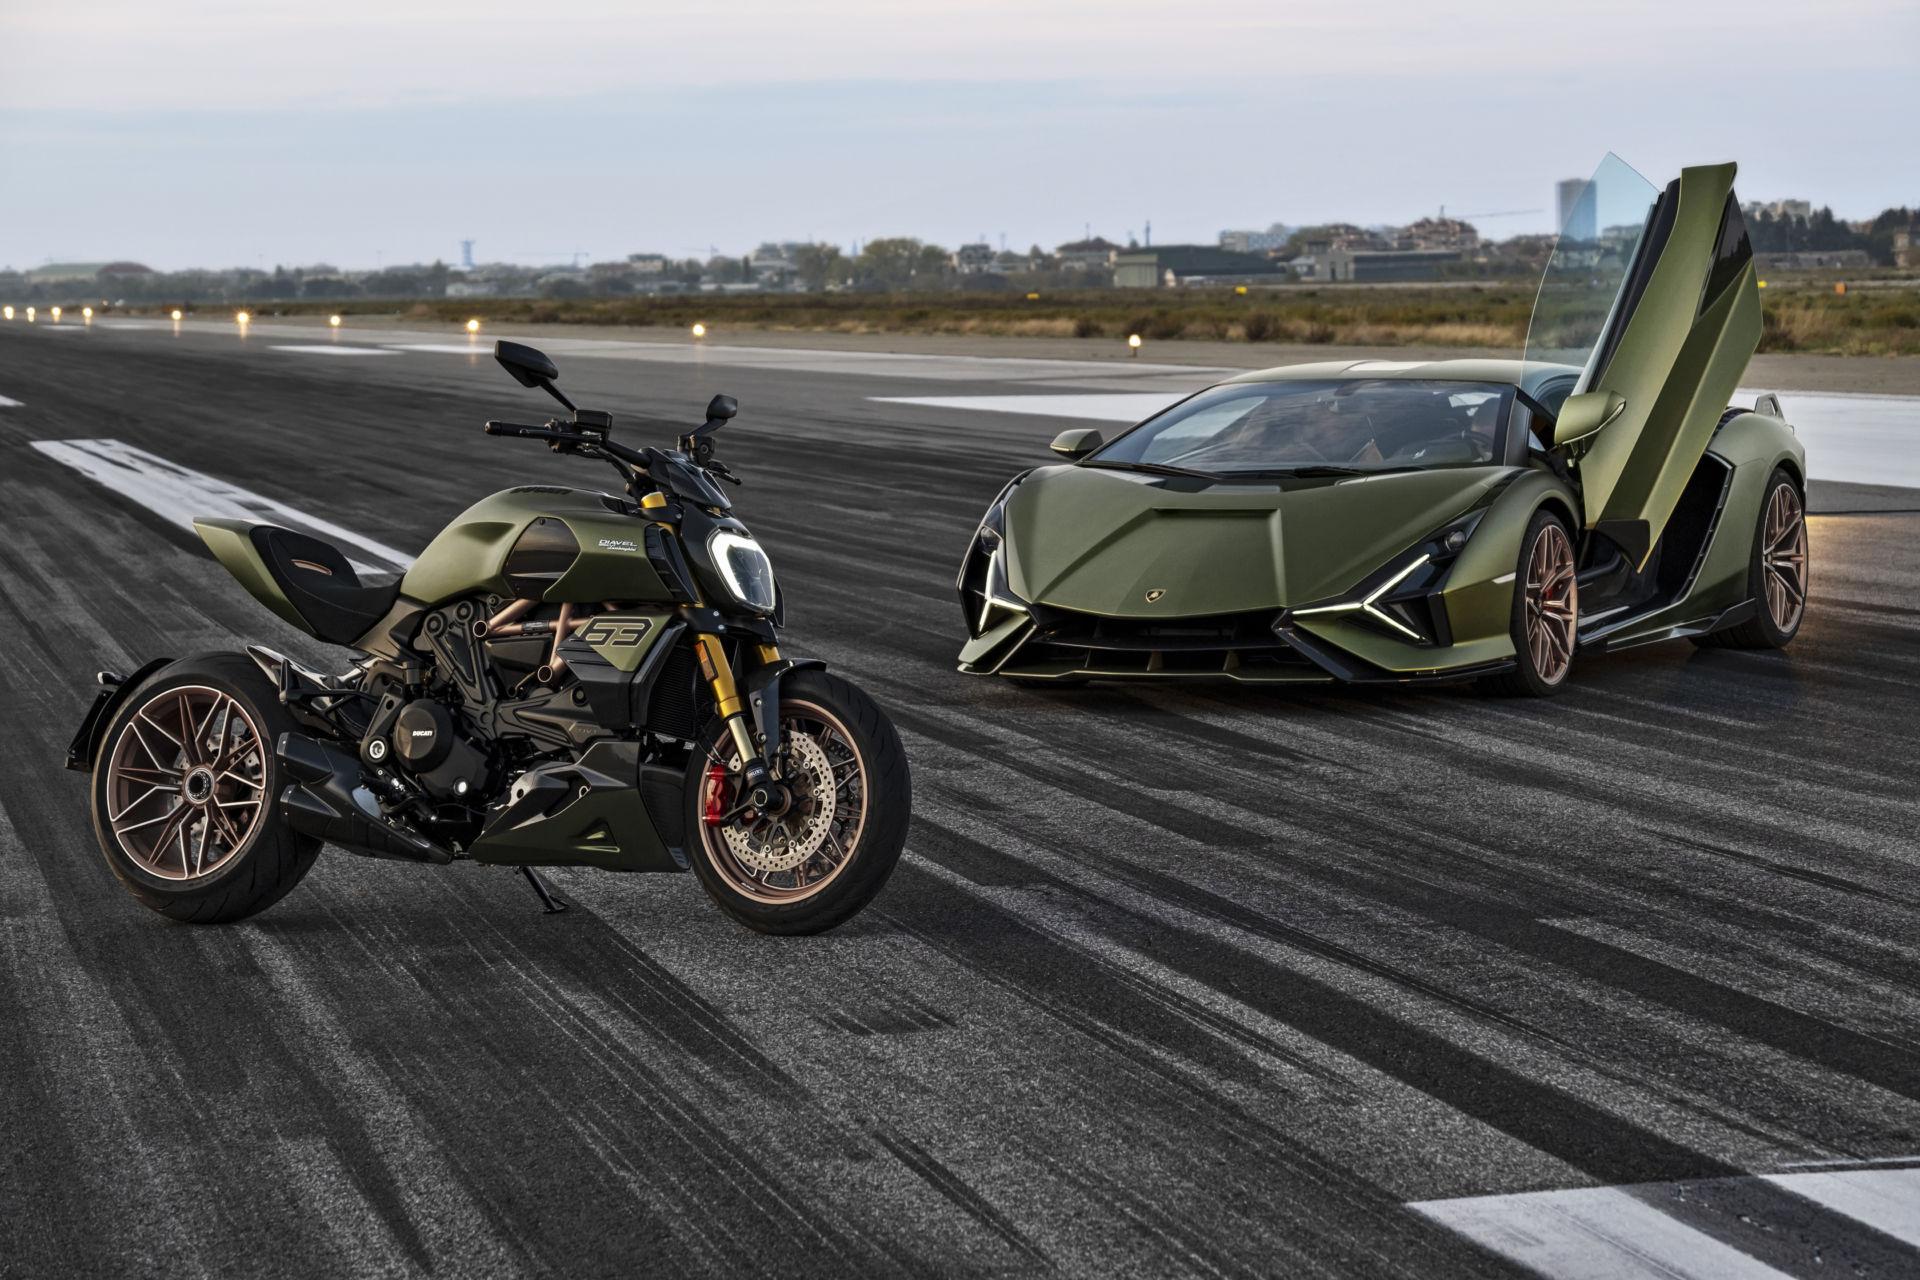 A Ducati Diavel 1260 Lamborghini and a Lamborghini Siàn FKP 37. Photo courtesy Ducati.